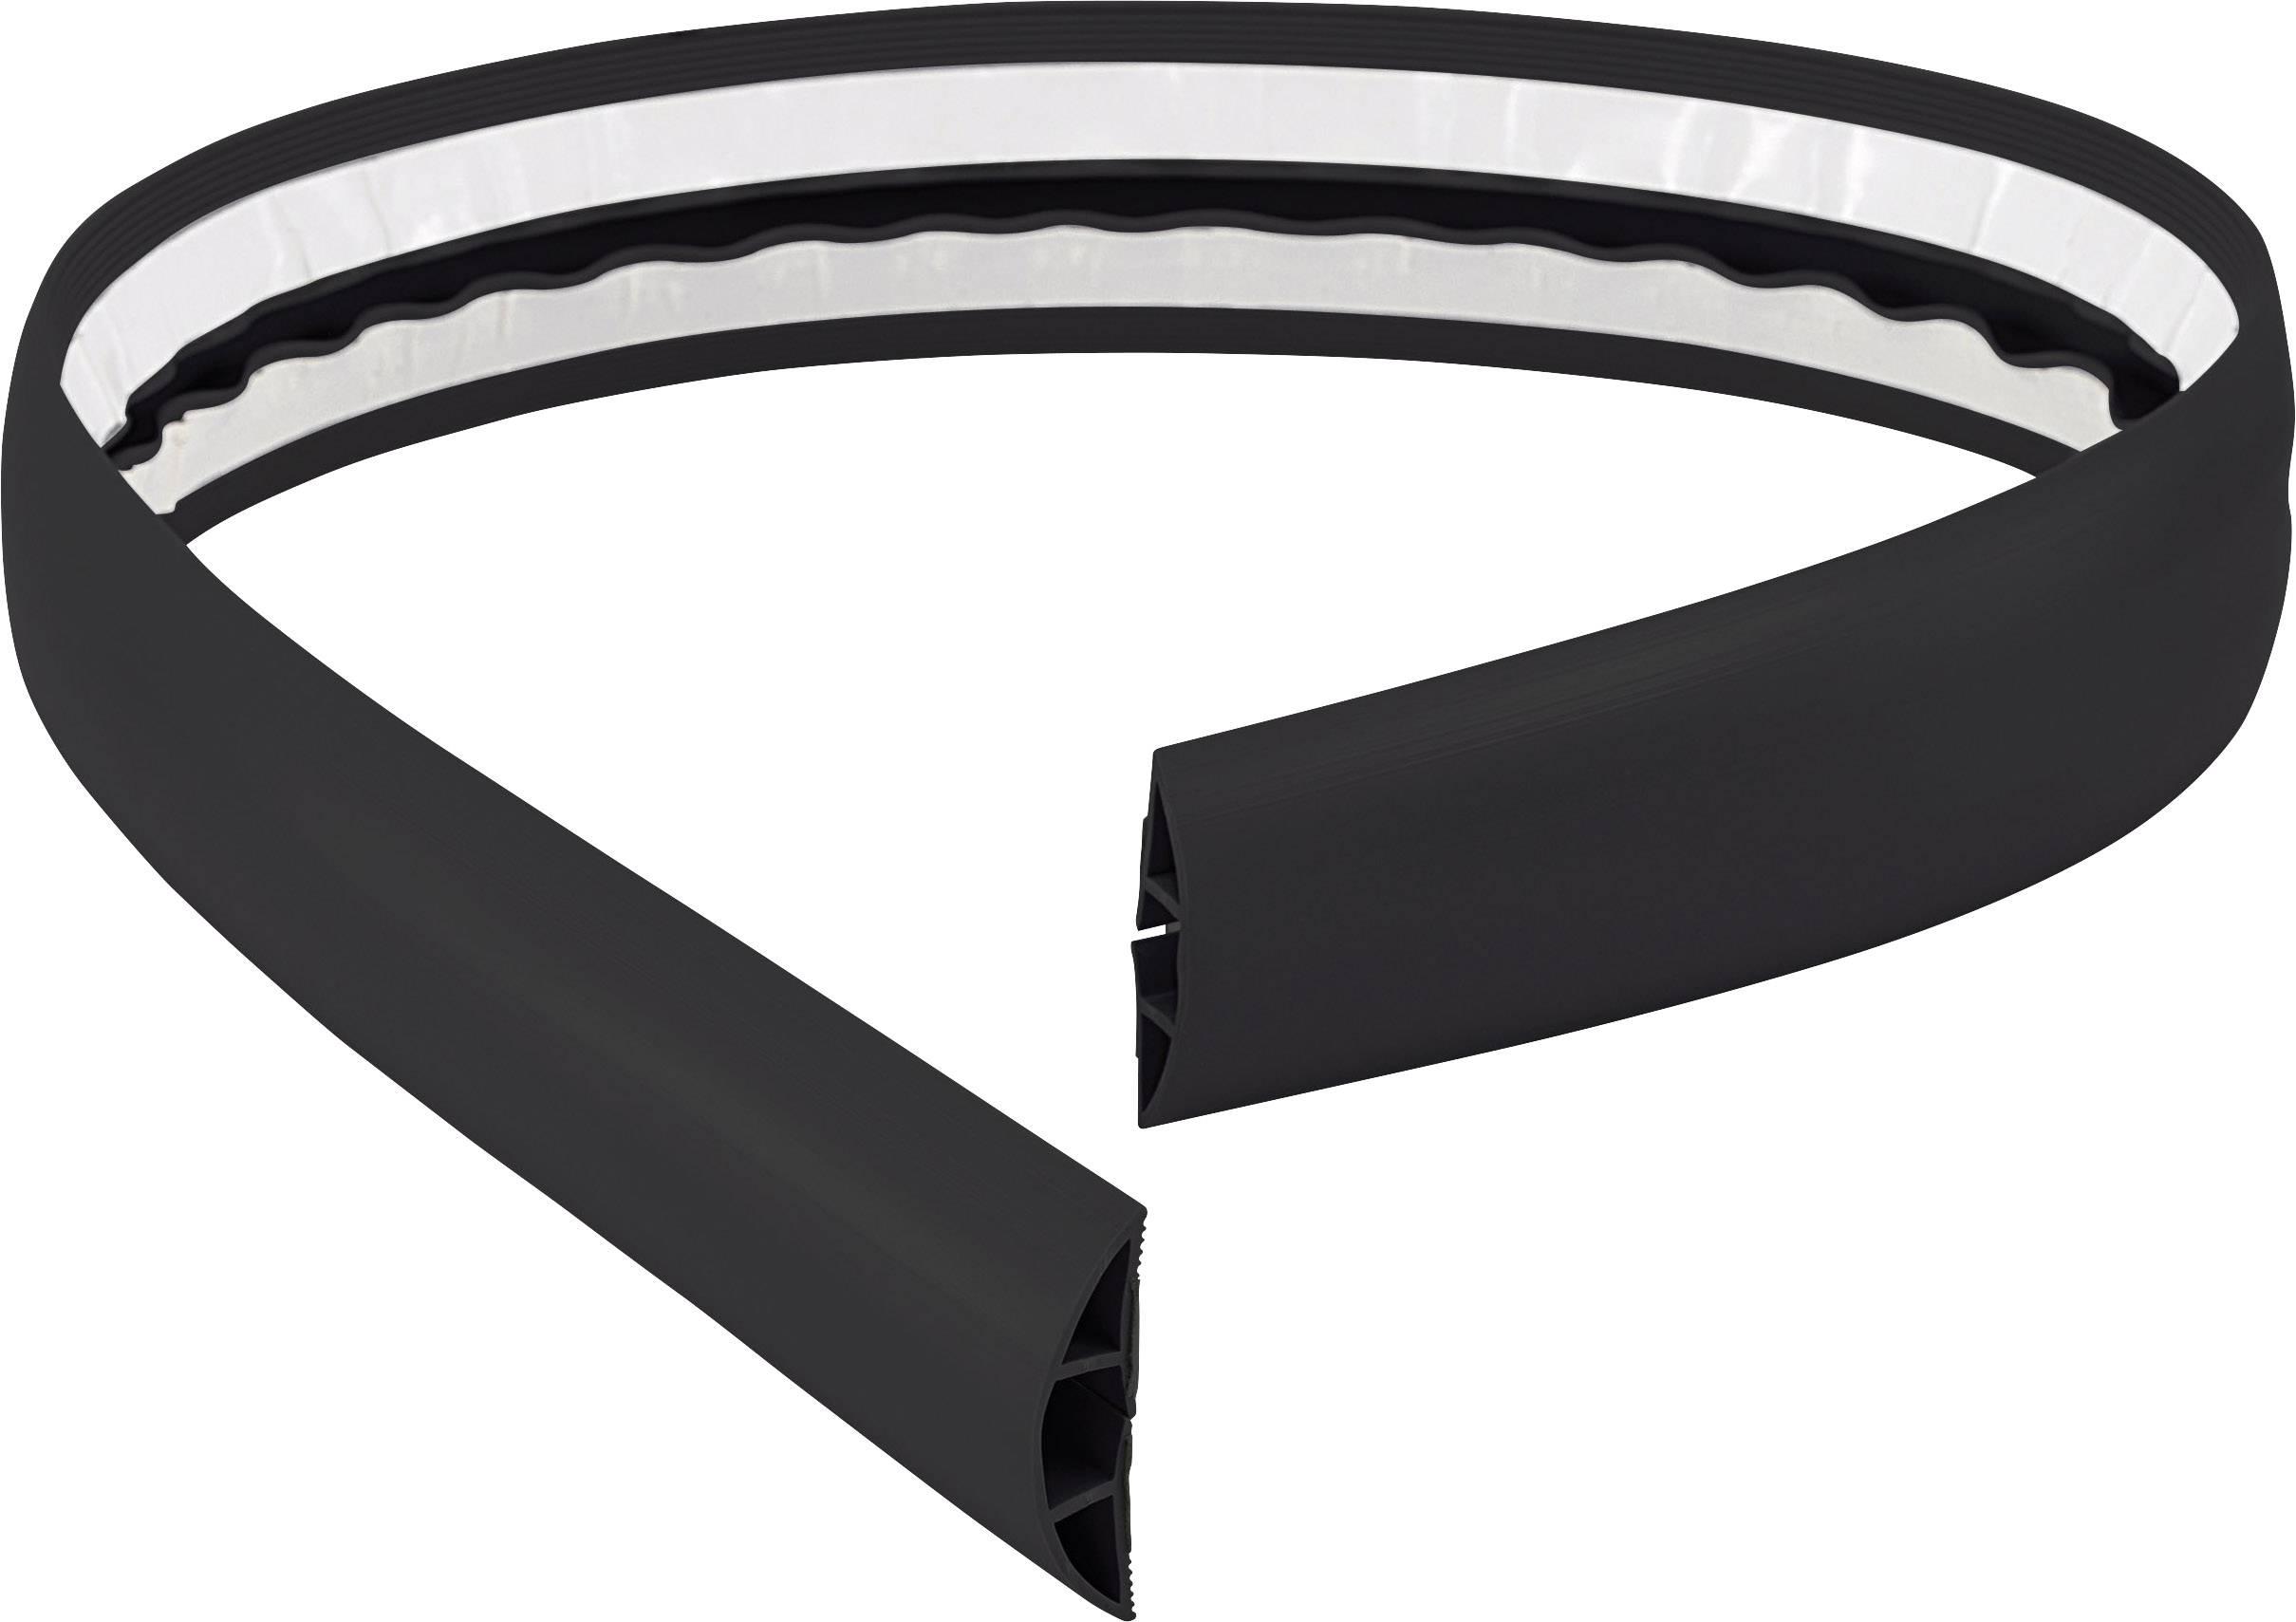 Káblový mostík Conrad Components 1226935 (d x š) 1800 mm x 50.8 mm, čierna, 1 ks